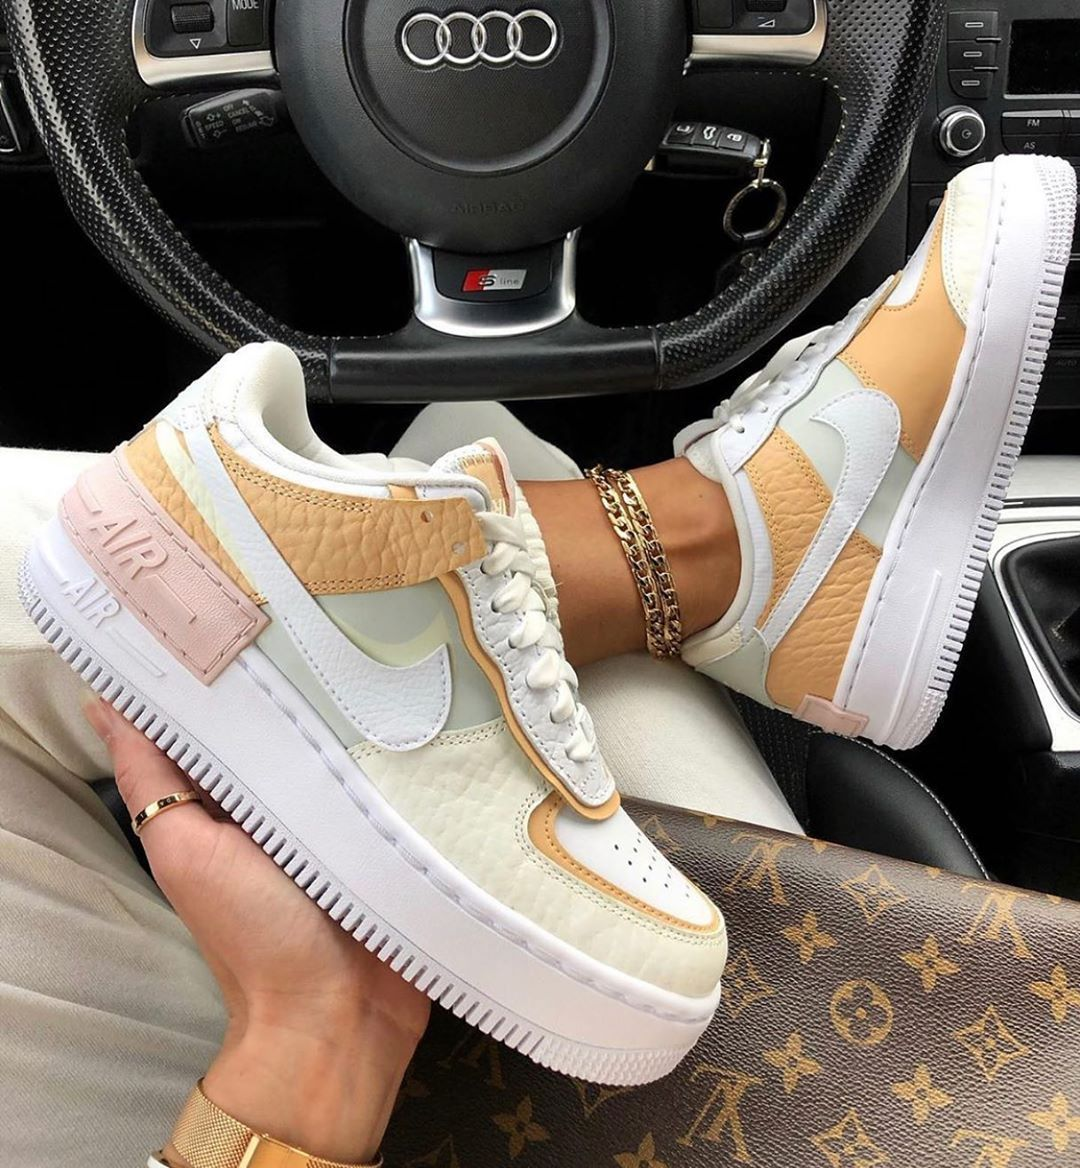 nike mujer zapatillas beige